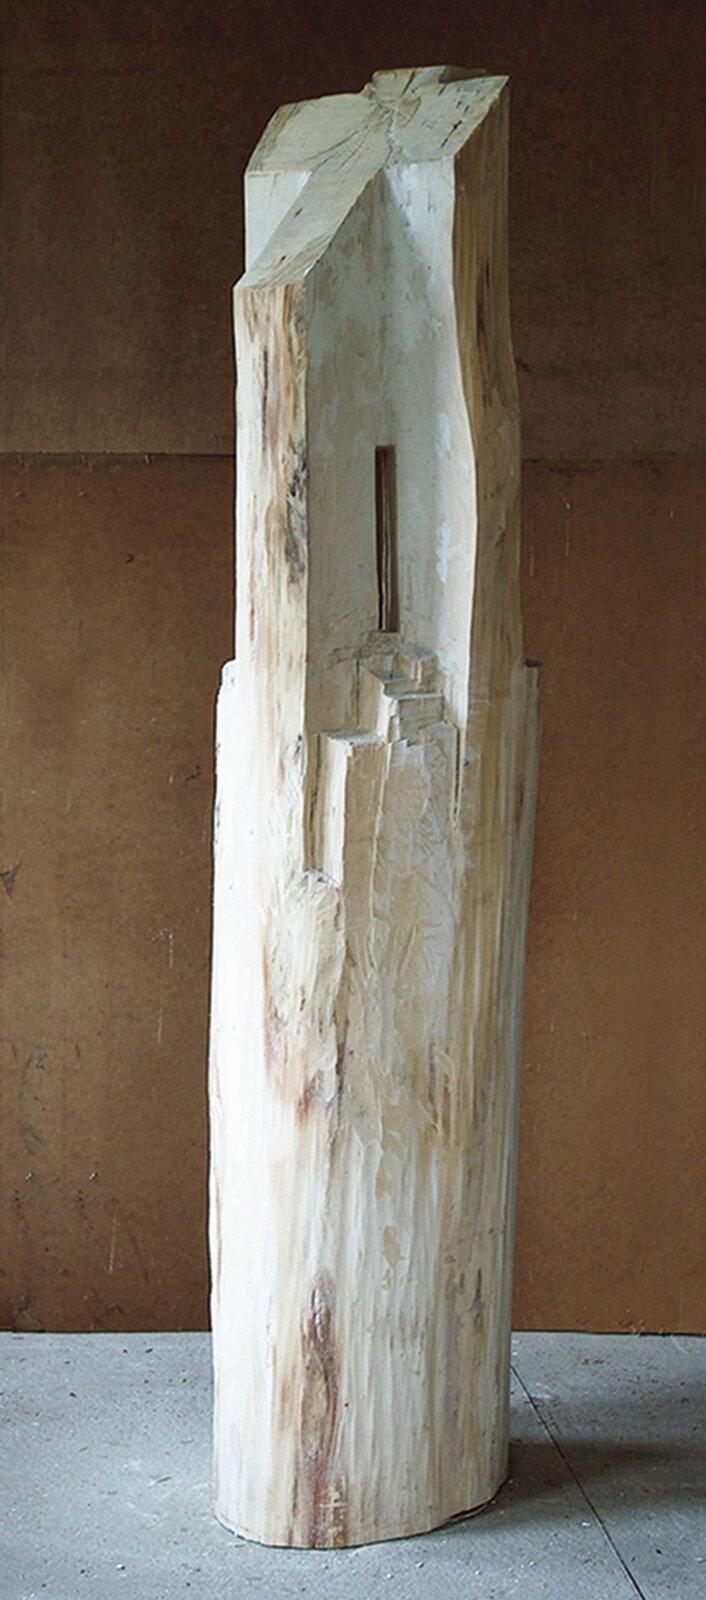 """Ilustracja przedstawia rzeźbę Krzysztofa Mazura """"Kapliczka biała"""". Jest to drewniany, ciosany pień drzewa ukształtowany wbryłę zbliżoną do walca, wgórnej części kaskadowo pościnanego. Wśrodku pień jest wydrążony - zawiera wąski prześwit. Górna część tworzy krzyż."""